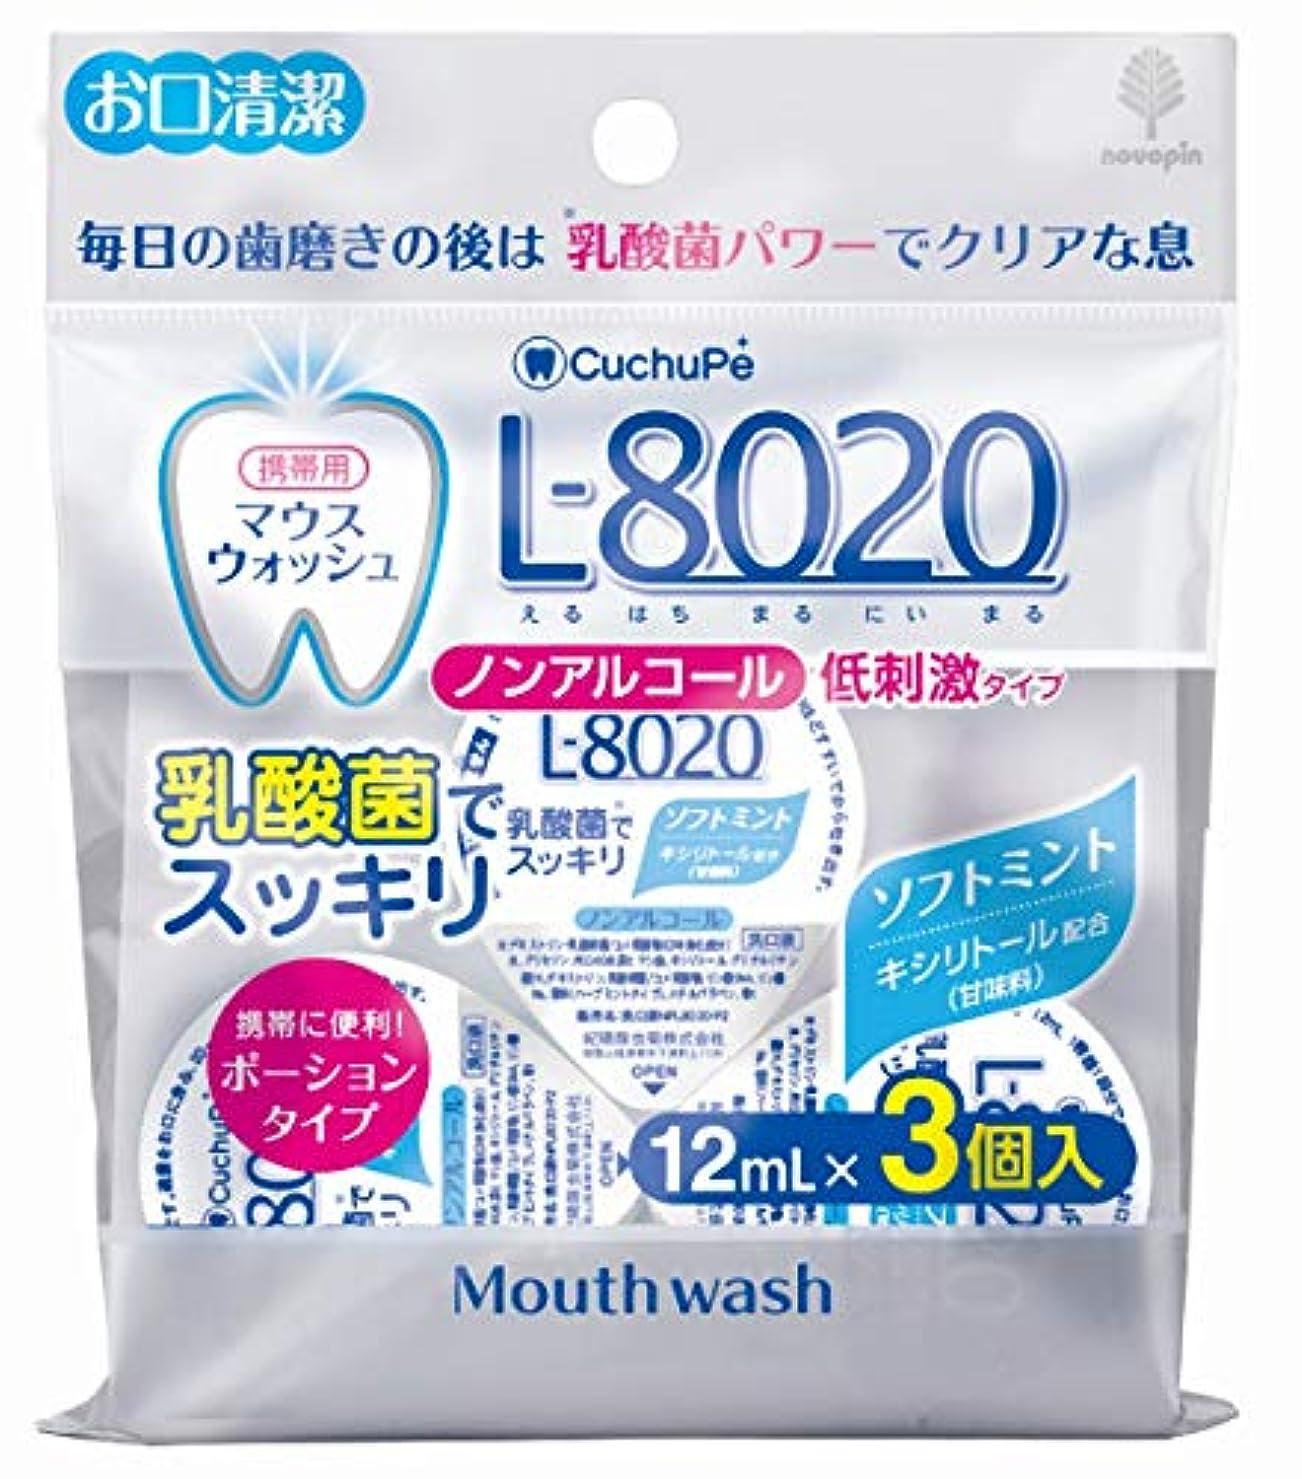 昨日ワイプ貝殻日本製 made in japan クチュッペL-8020 ソフトミント ポーションタイプ3個入(ノンアルコール) K-7094【まとめ買い10個セット】